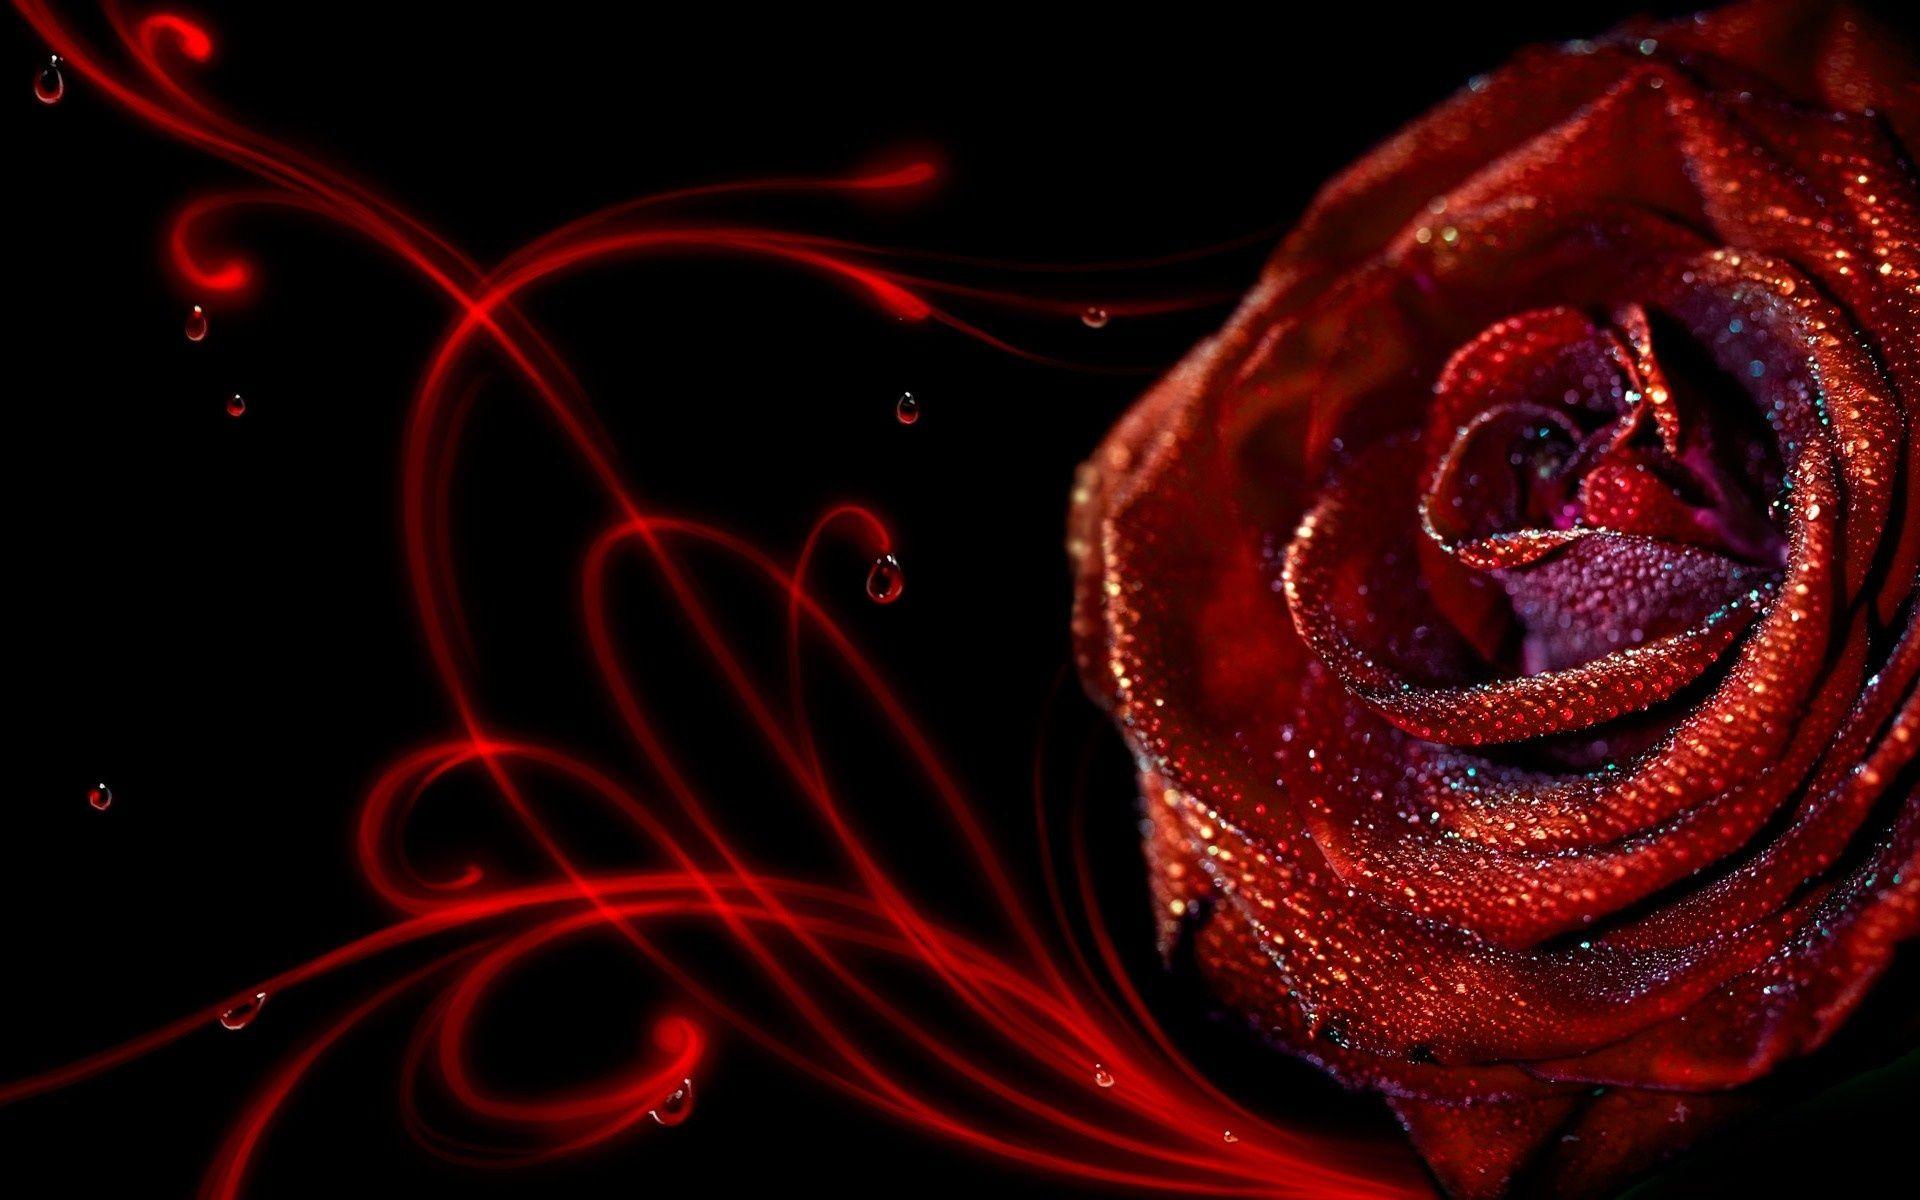 Wallpaper HD 3d Flower Rose